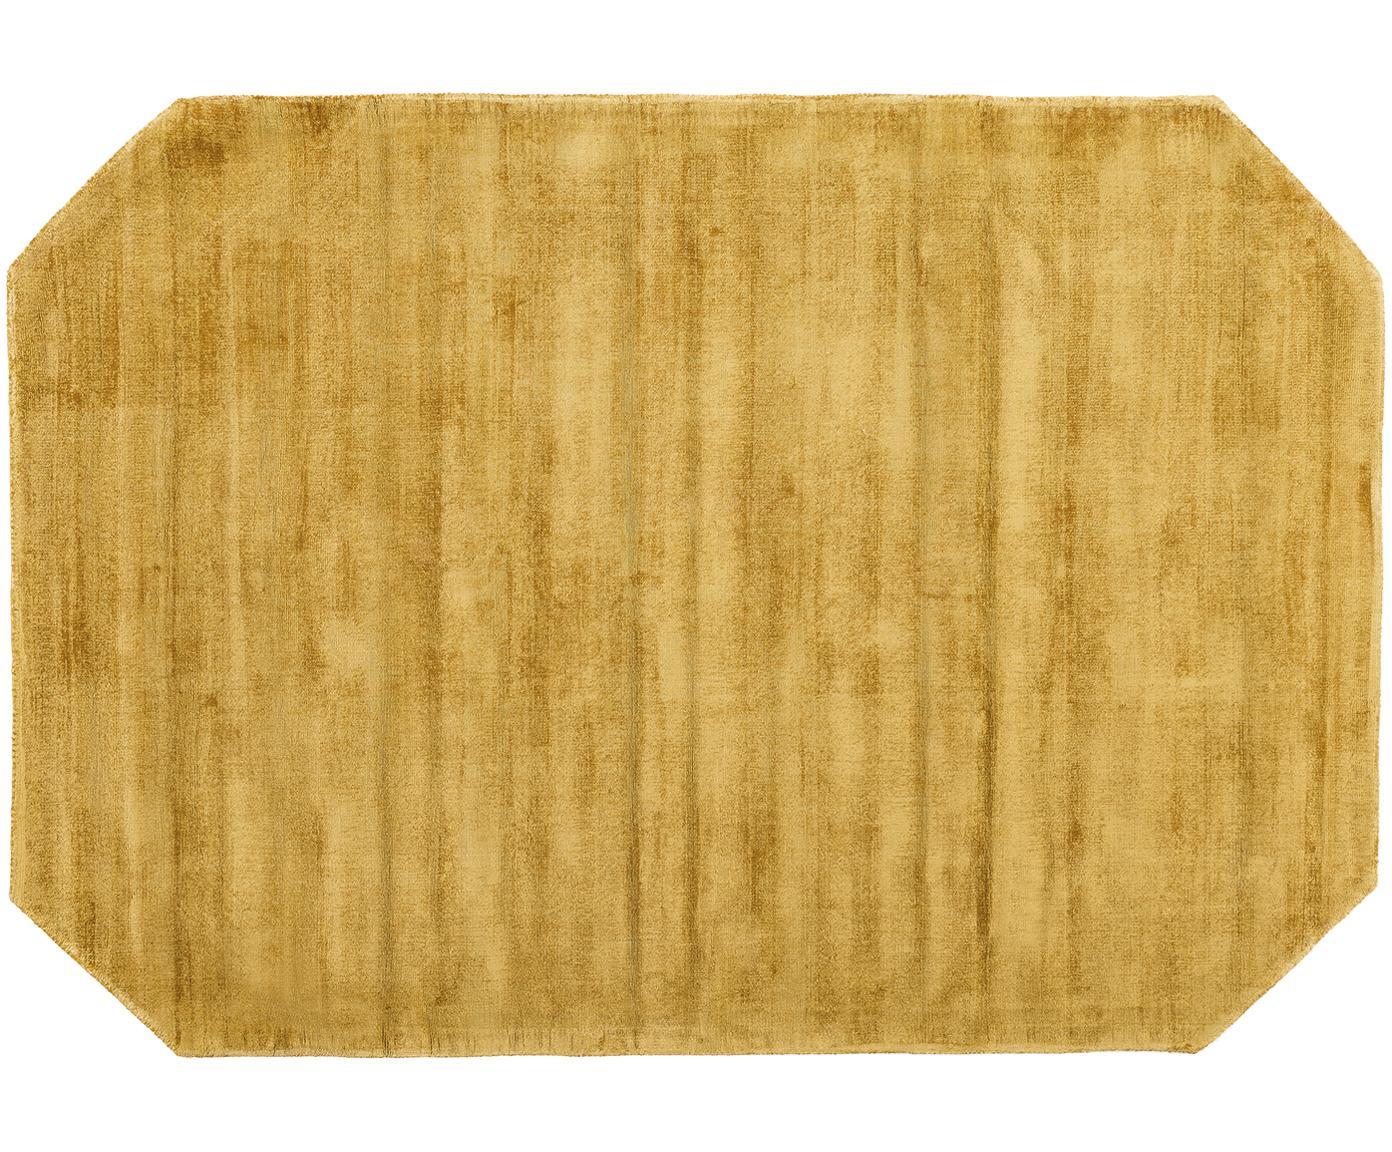 Viscose vloerkleed Jane Diamond, Bovenzijde: 100% viscose, Onderzijde: 100% katoen, Mosterdgeel, 160 x 230 cm